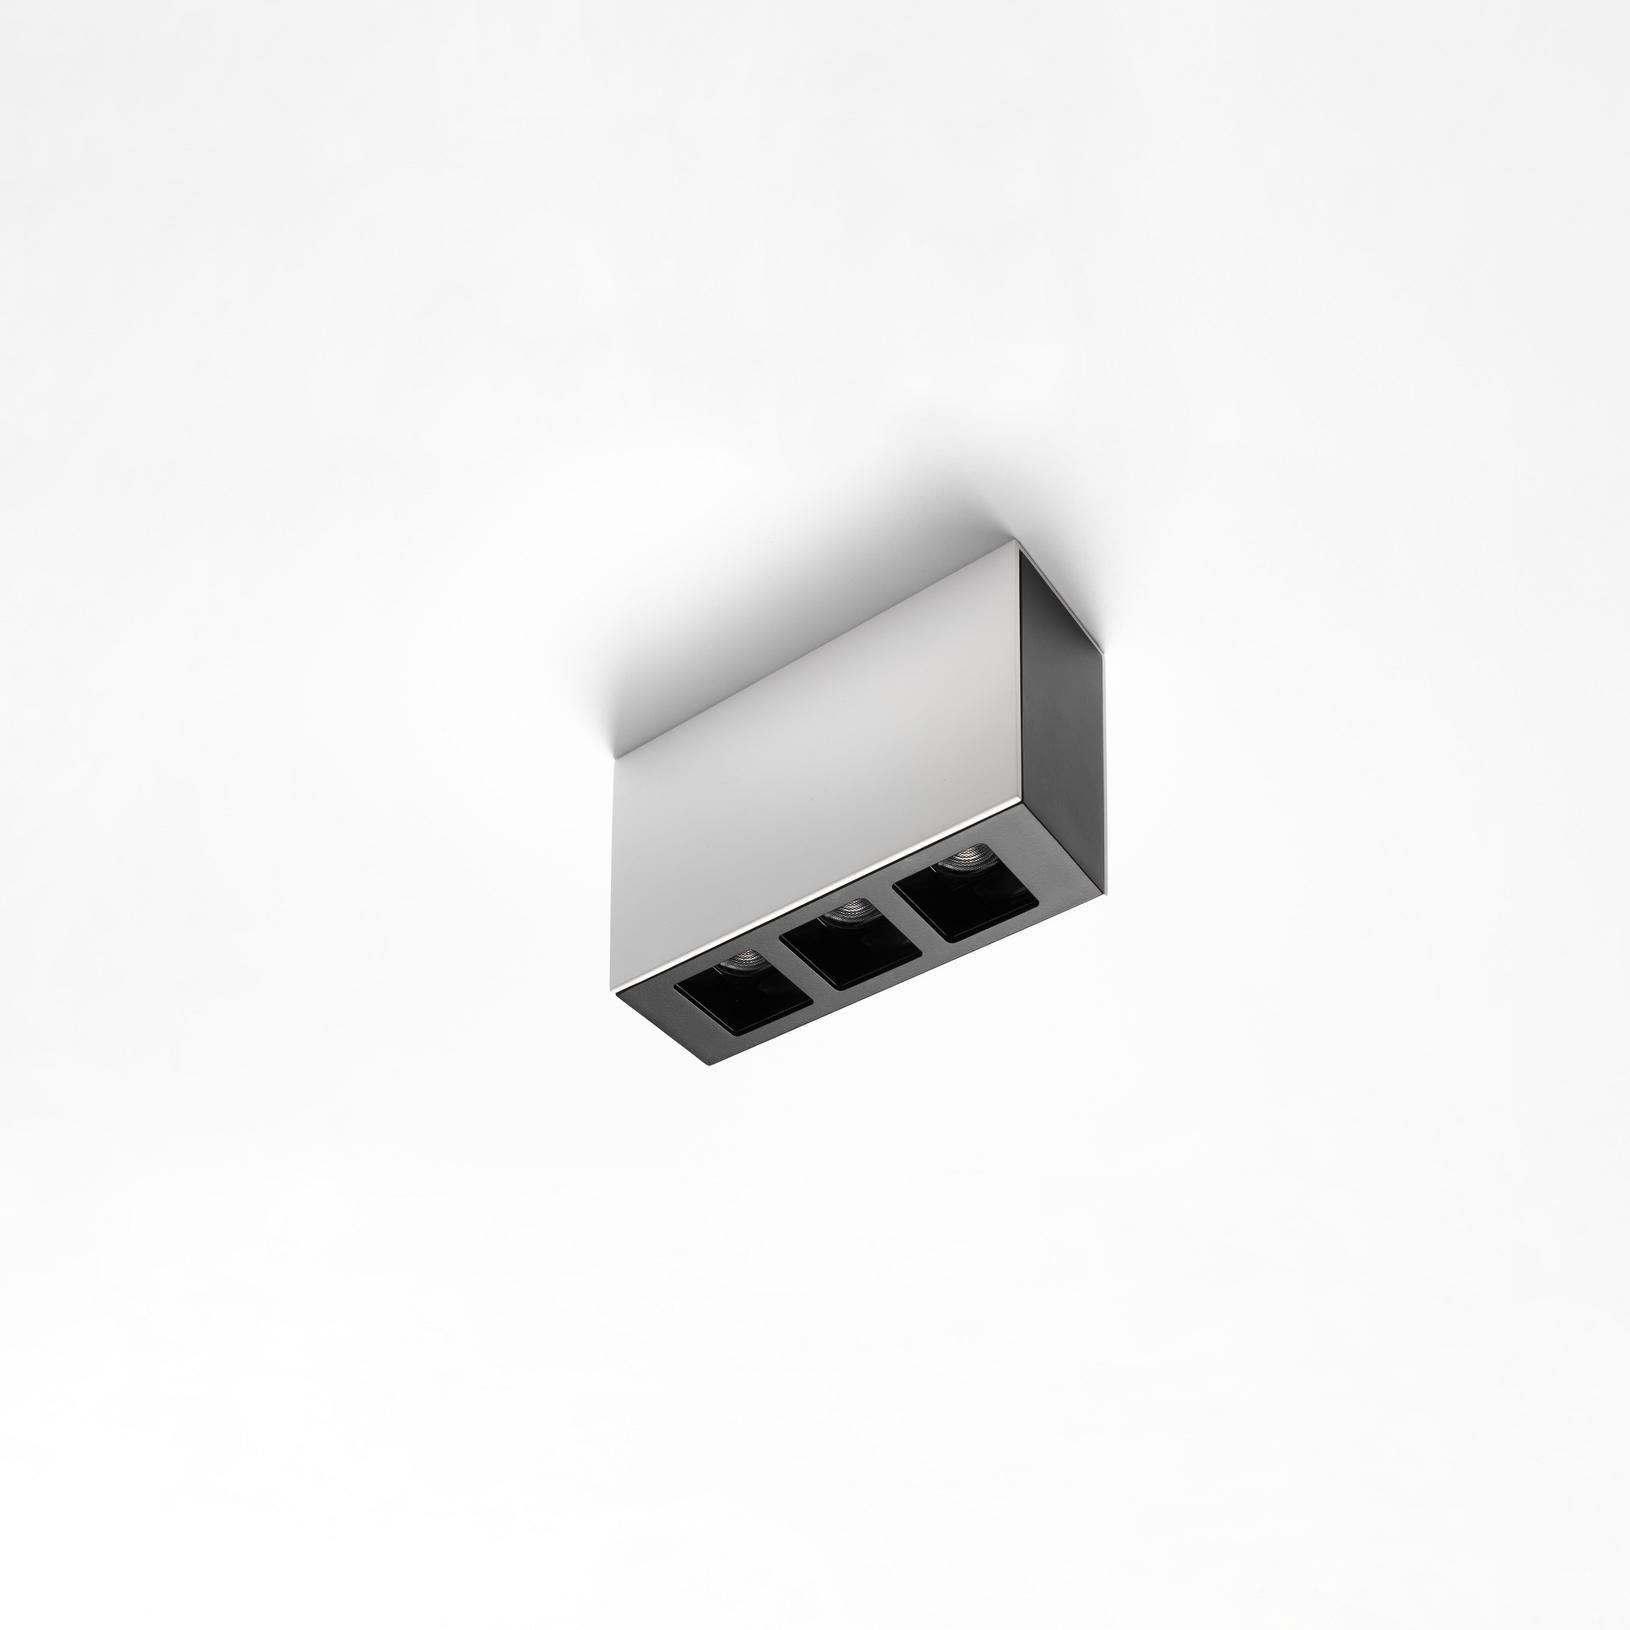 Oprawa natynkowa Dota NT High 40.3 LED 3.2081 Labra potrójna oprawa w nowoczesnym stylu